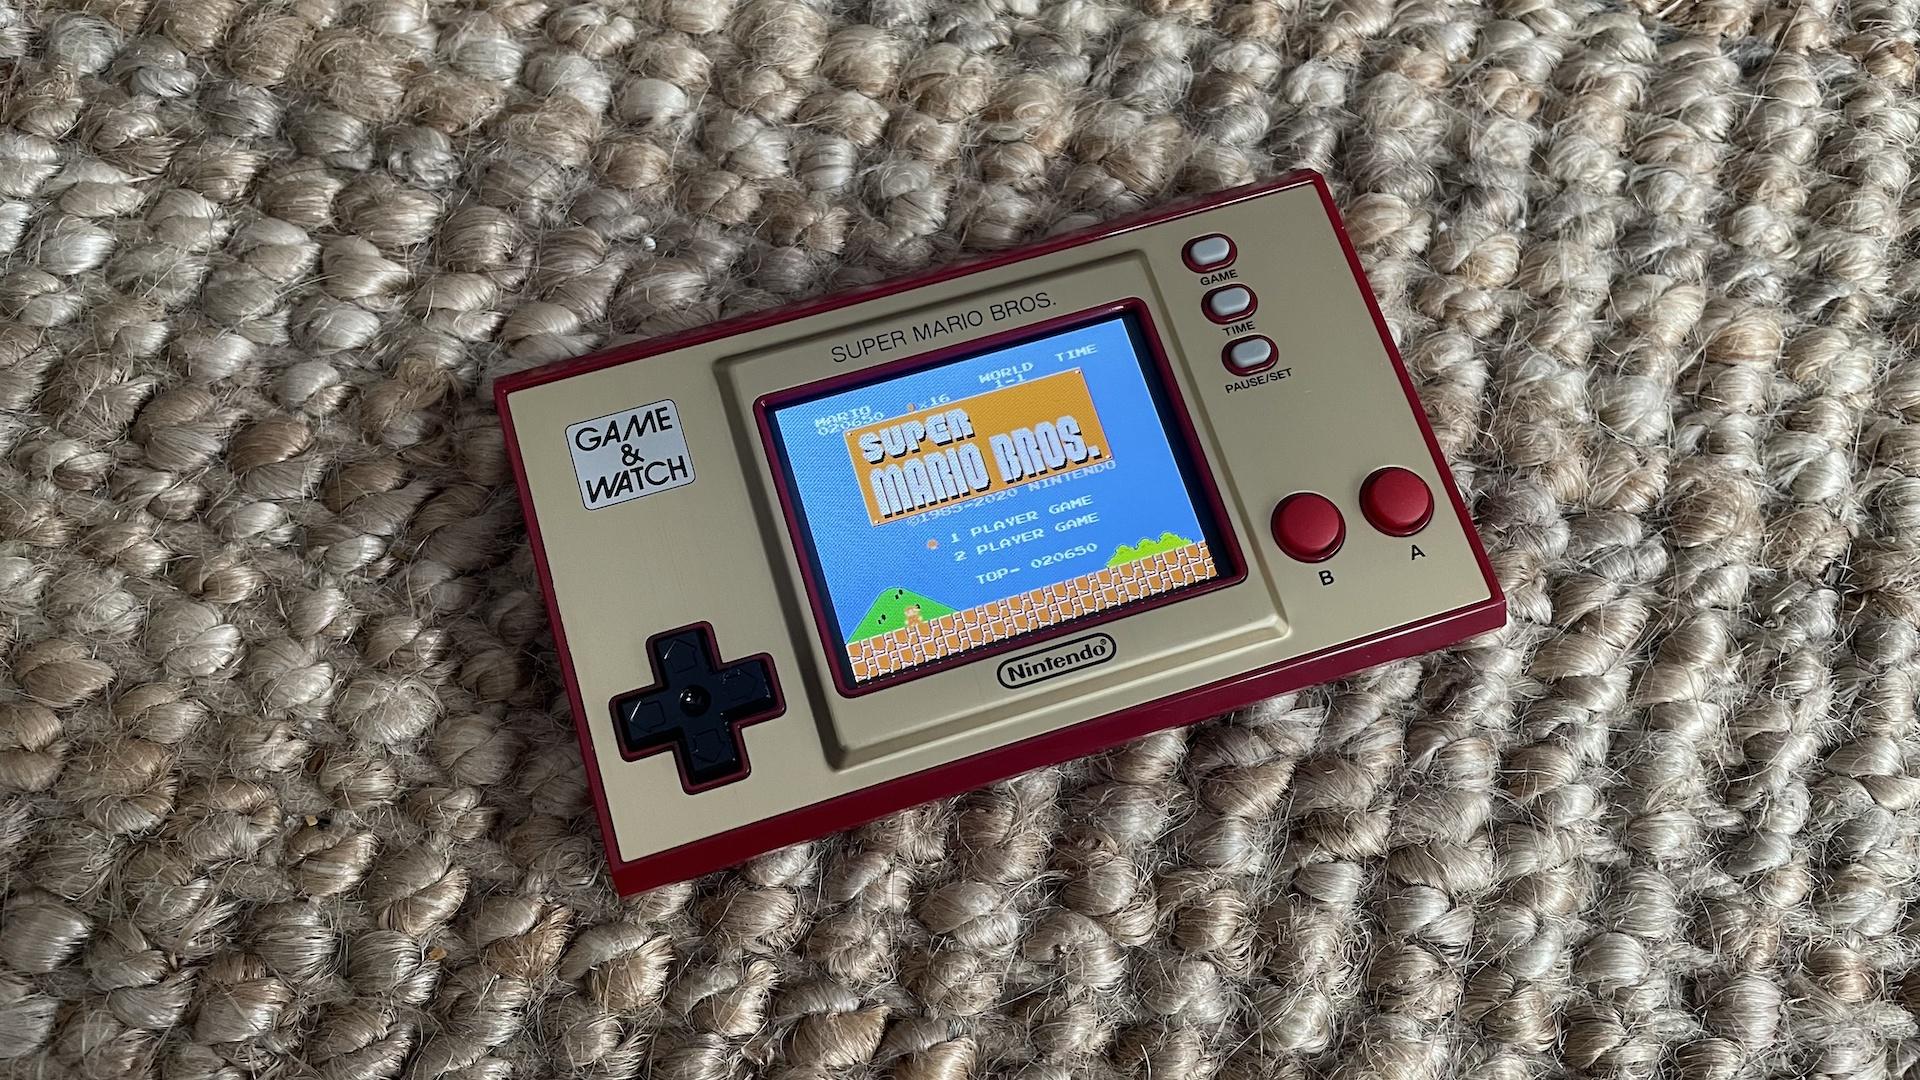 La Game & Watch Super Mario Bros. n'est rien d'autre qu'un bel objet de collection